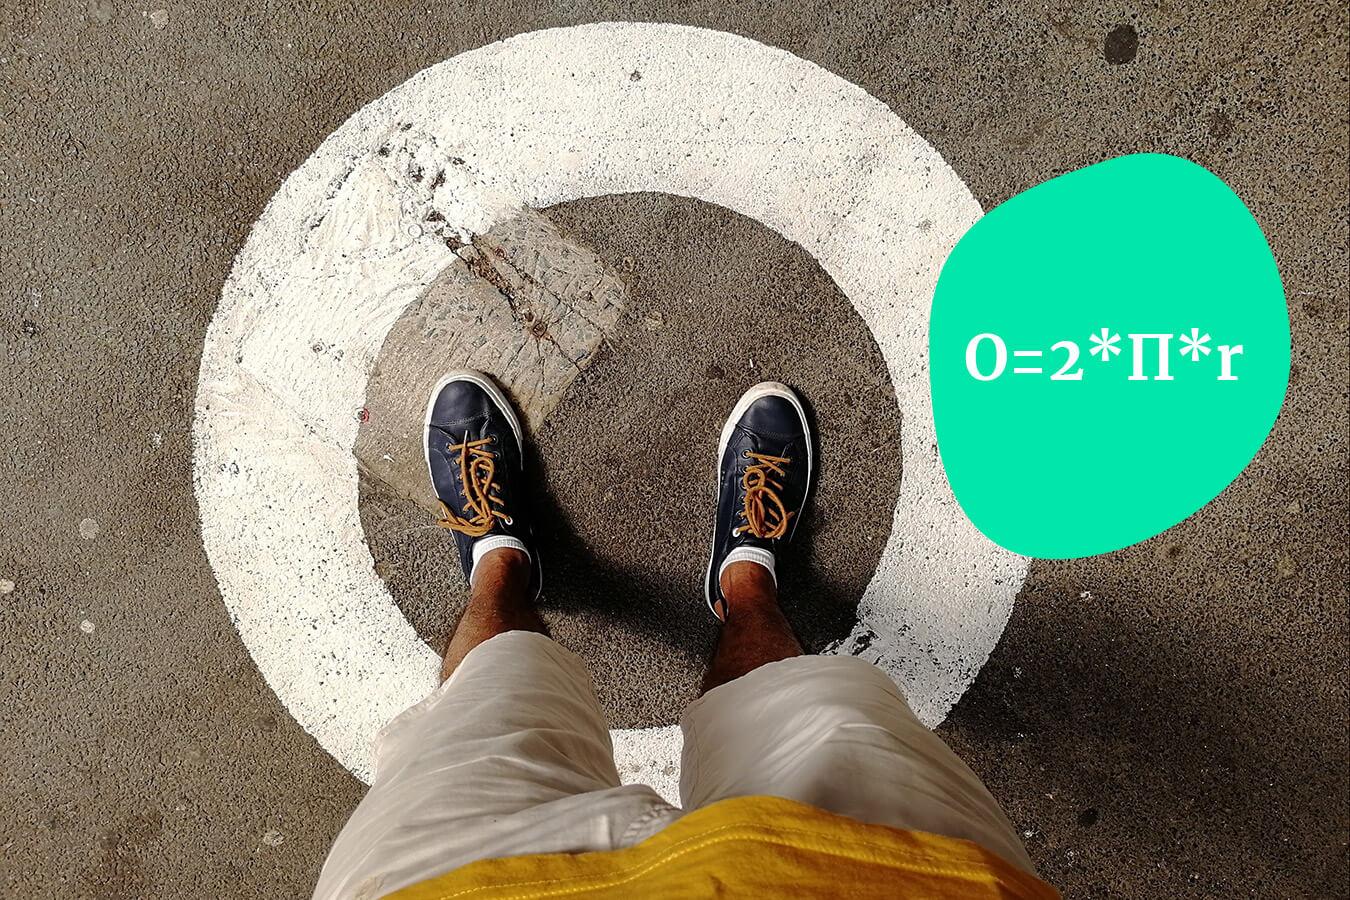 Obliczanie obwodu koła – Jak obliczyć obwód koła?